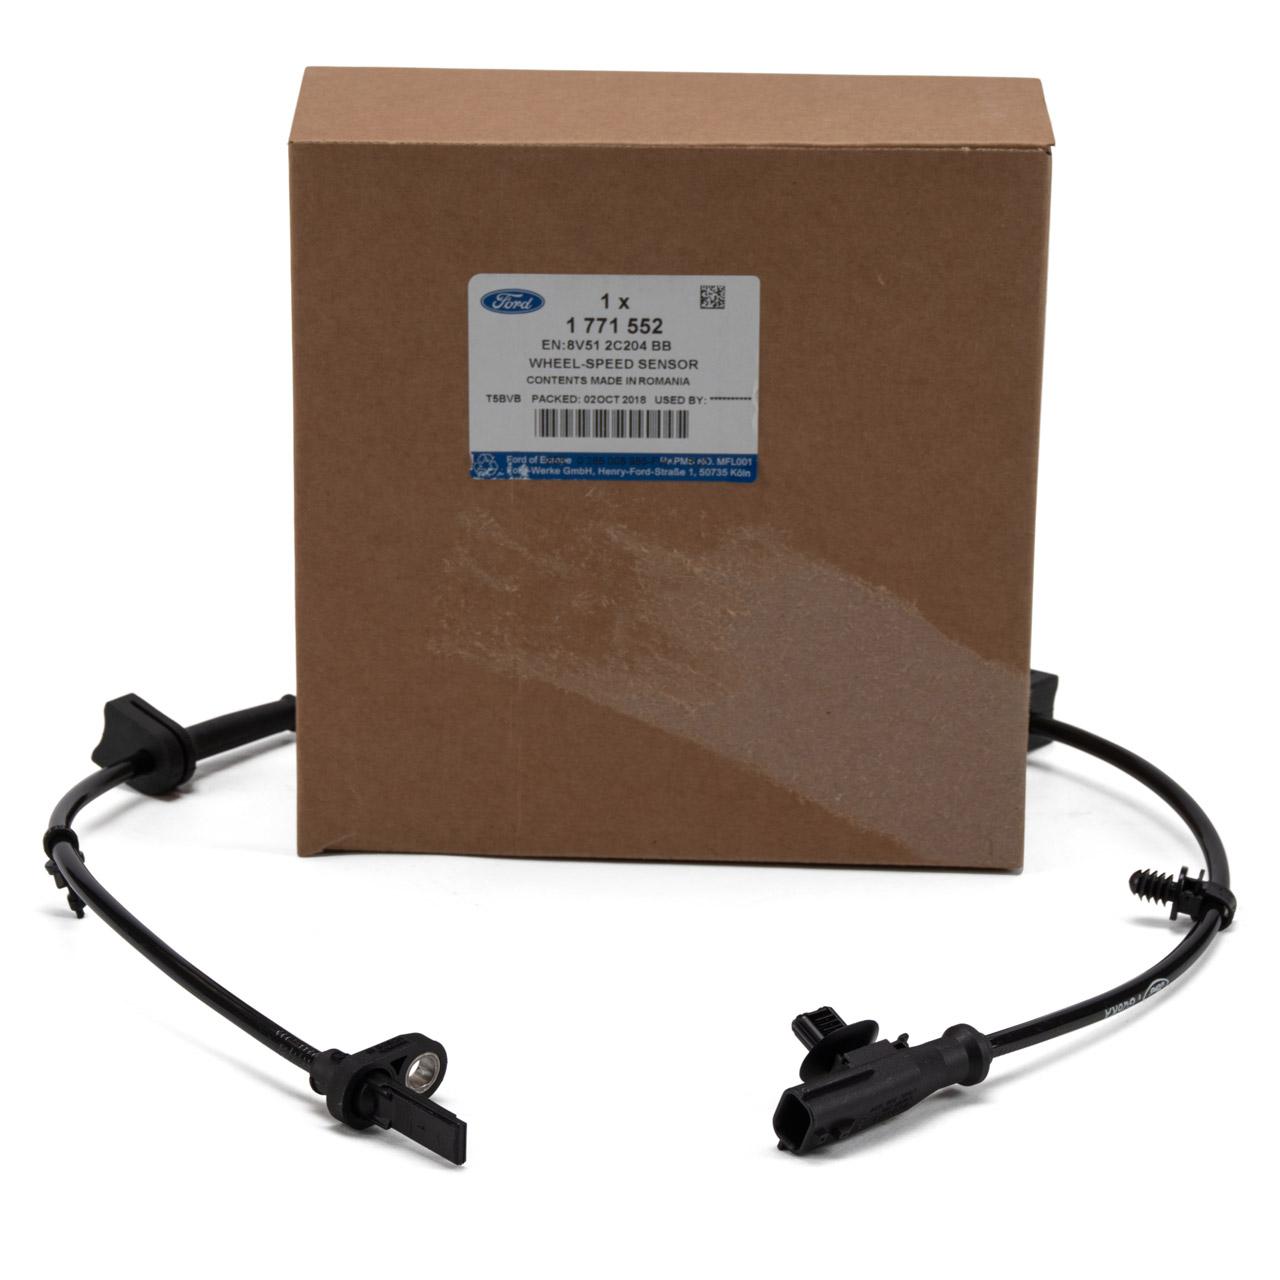 ORIGINAL Ford ABS Sensor Raddrehzahlsensor B-MAX FIESTA VI MK6 vorne 1771552